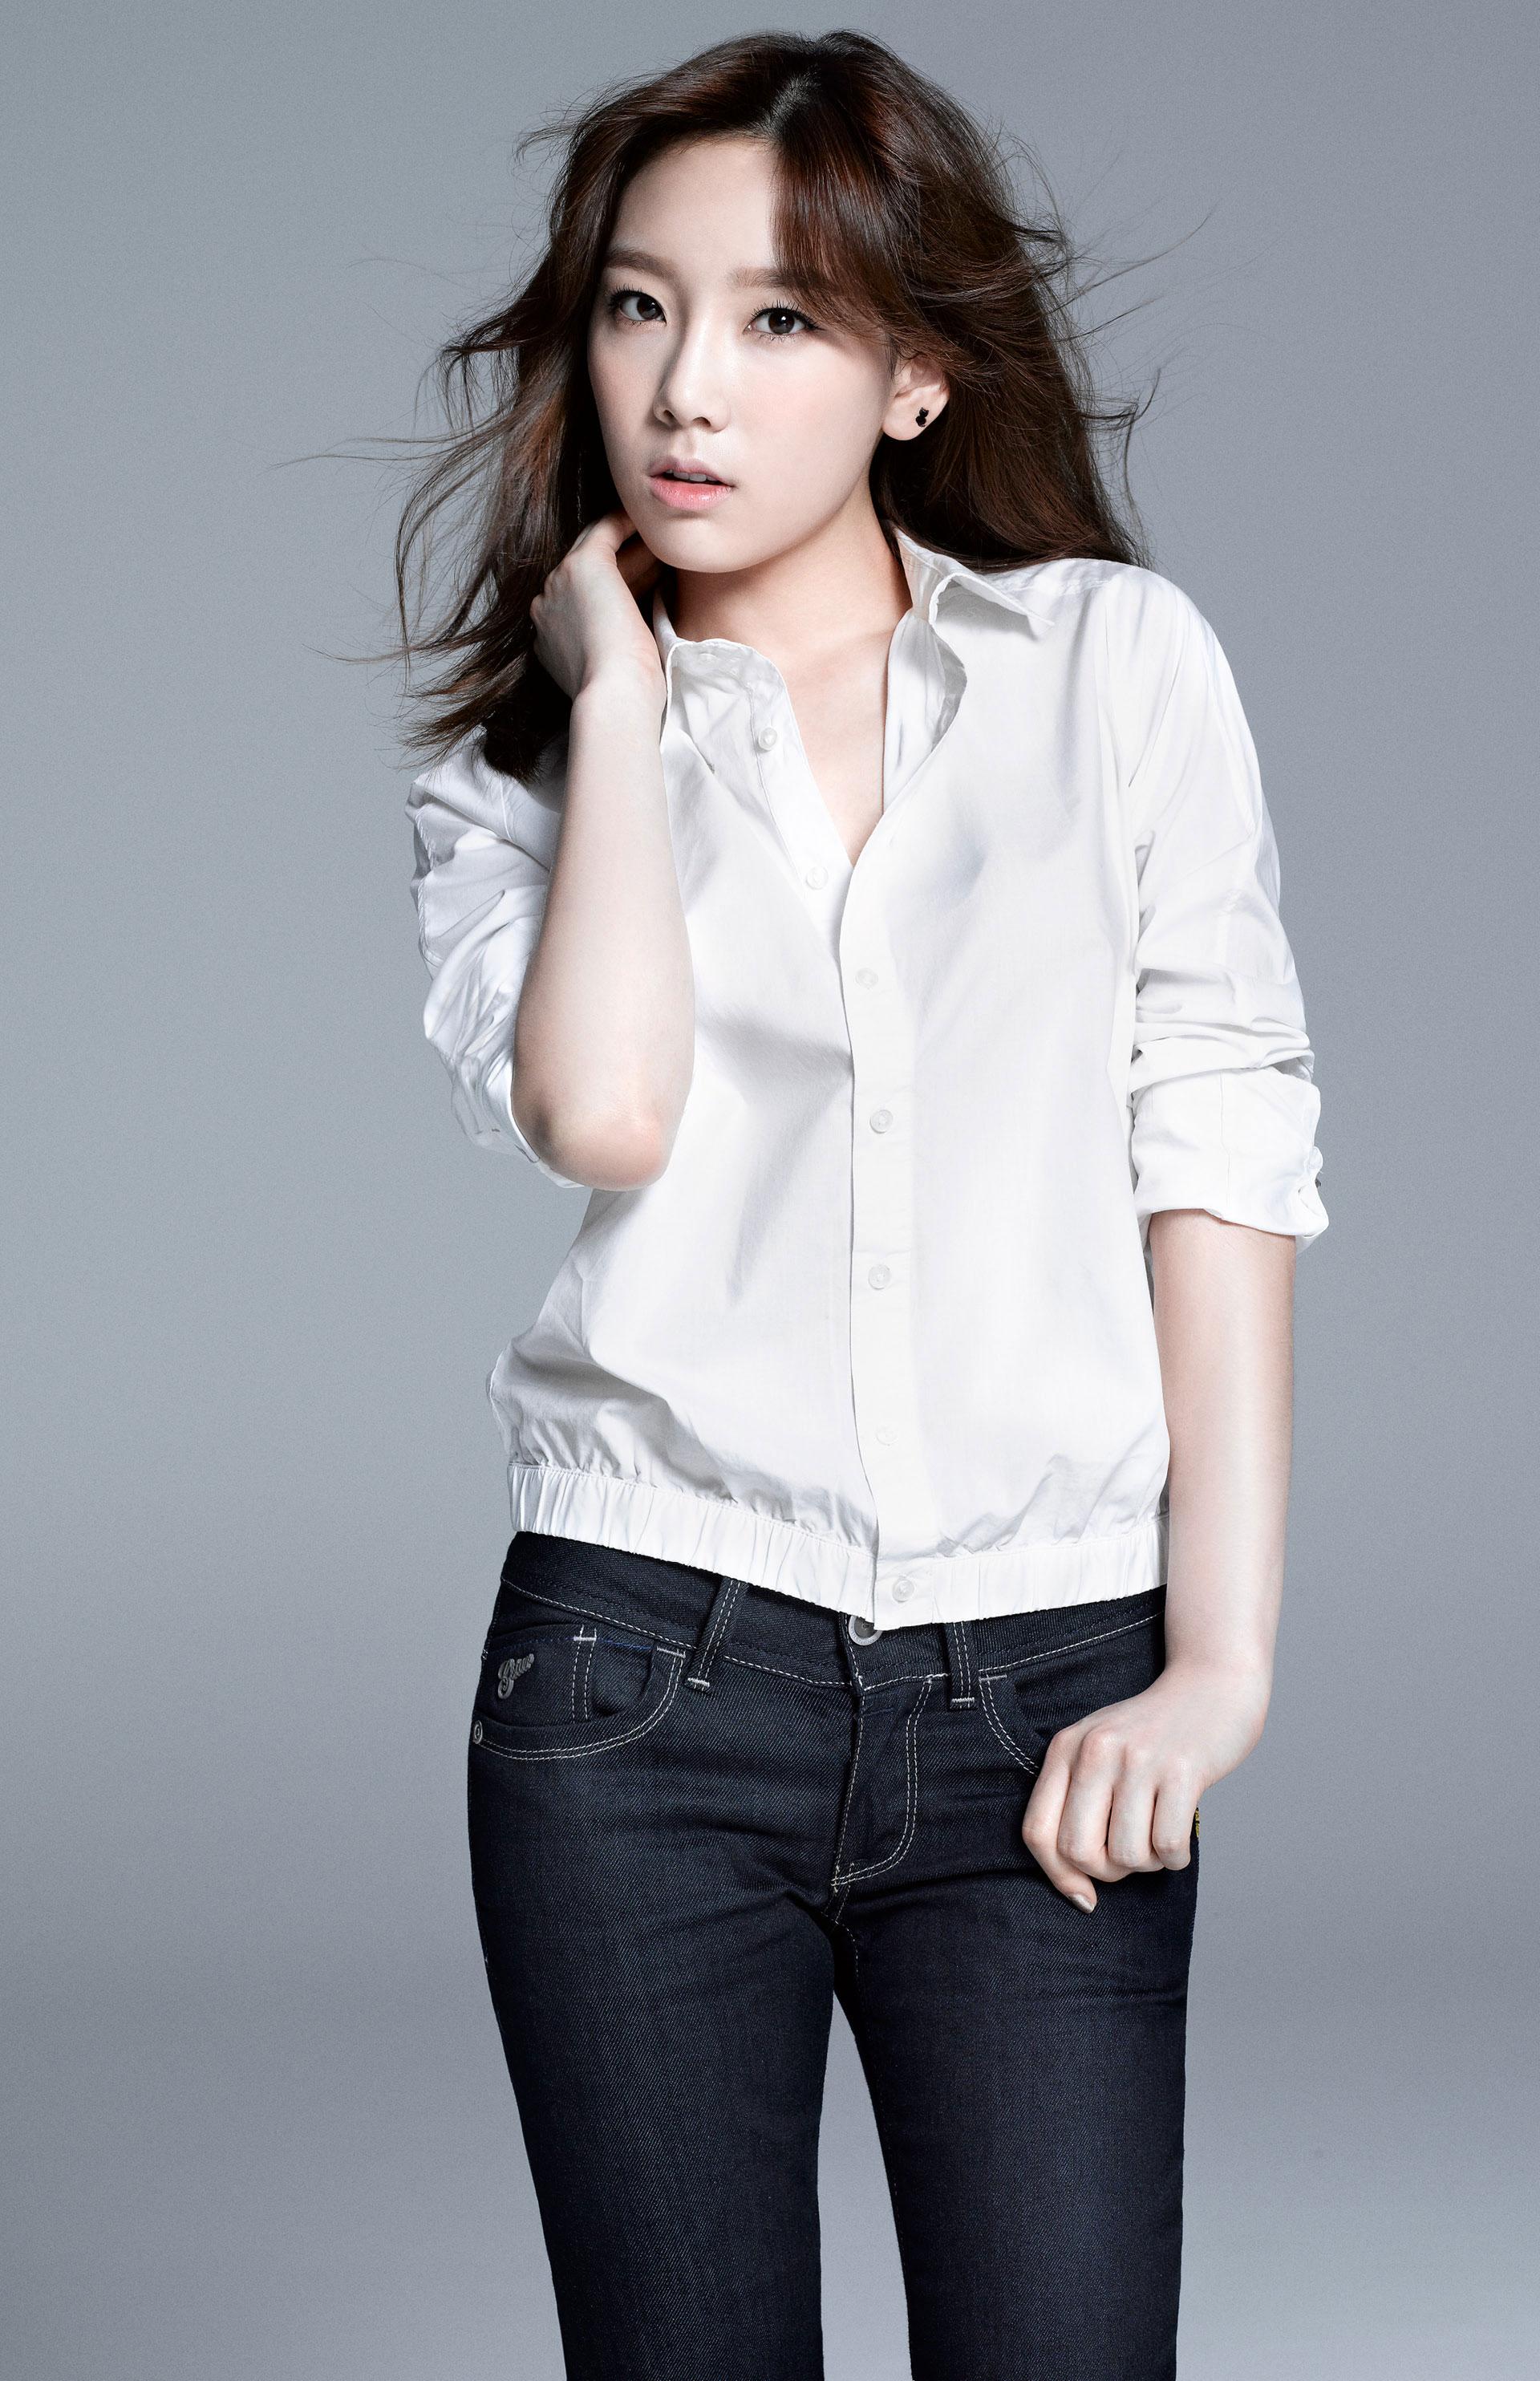 Snsd Taeyeon G-star Japan